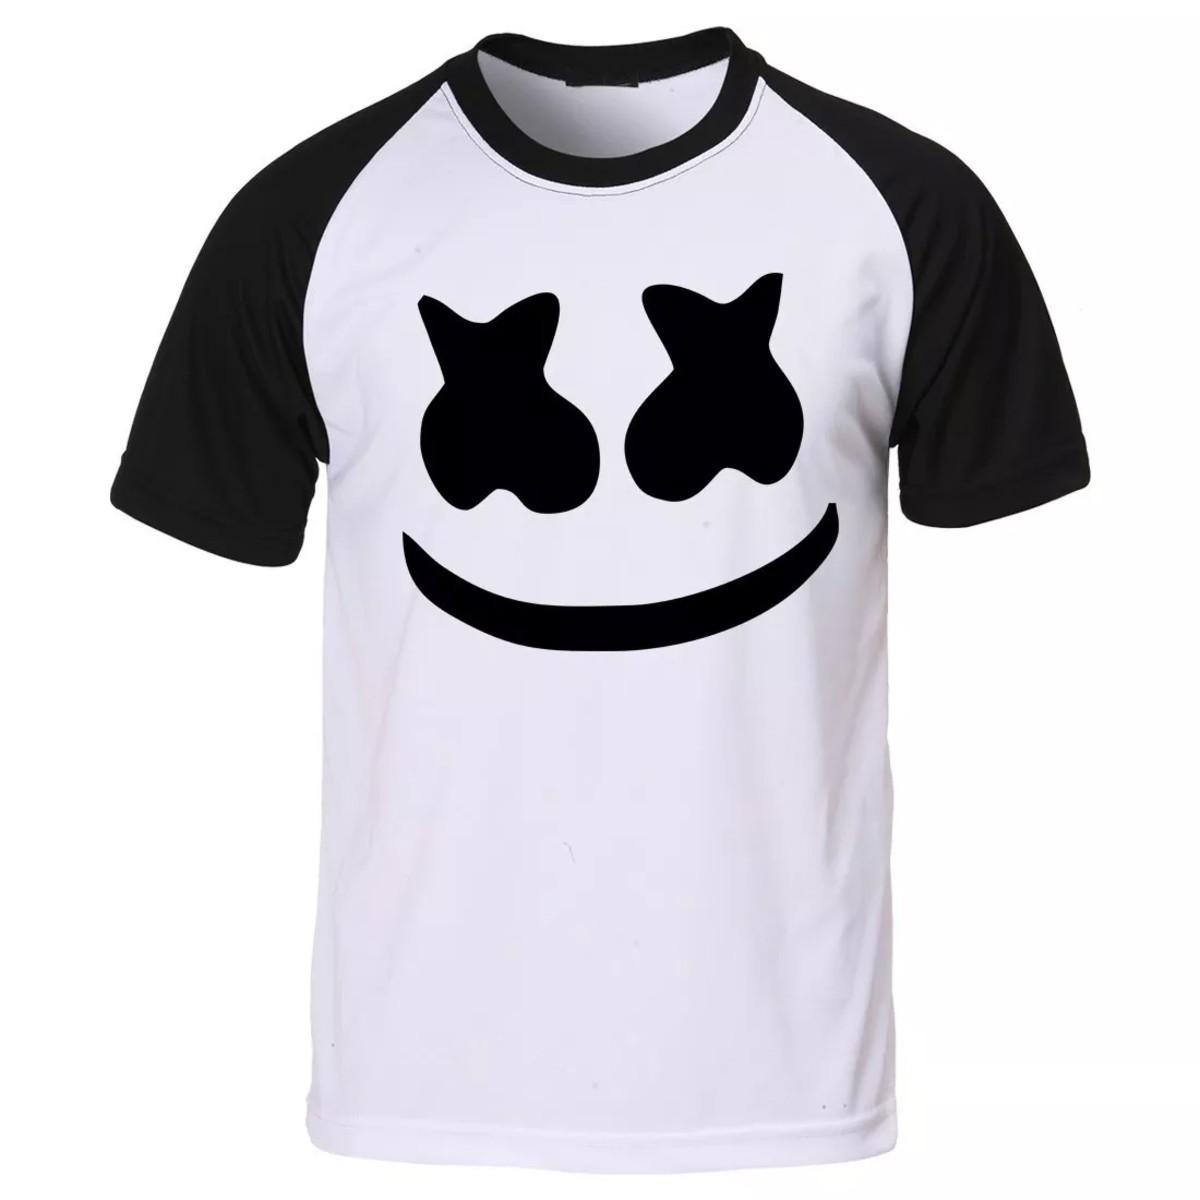 camiseta personalizada dj marshmallow mega promoção no elo7